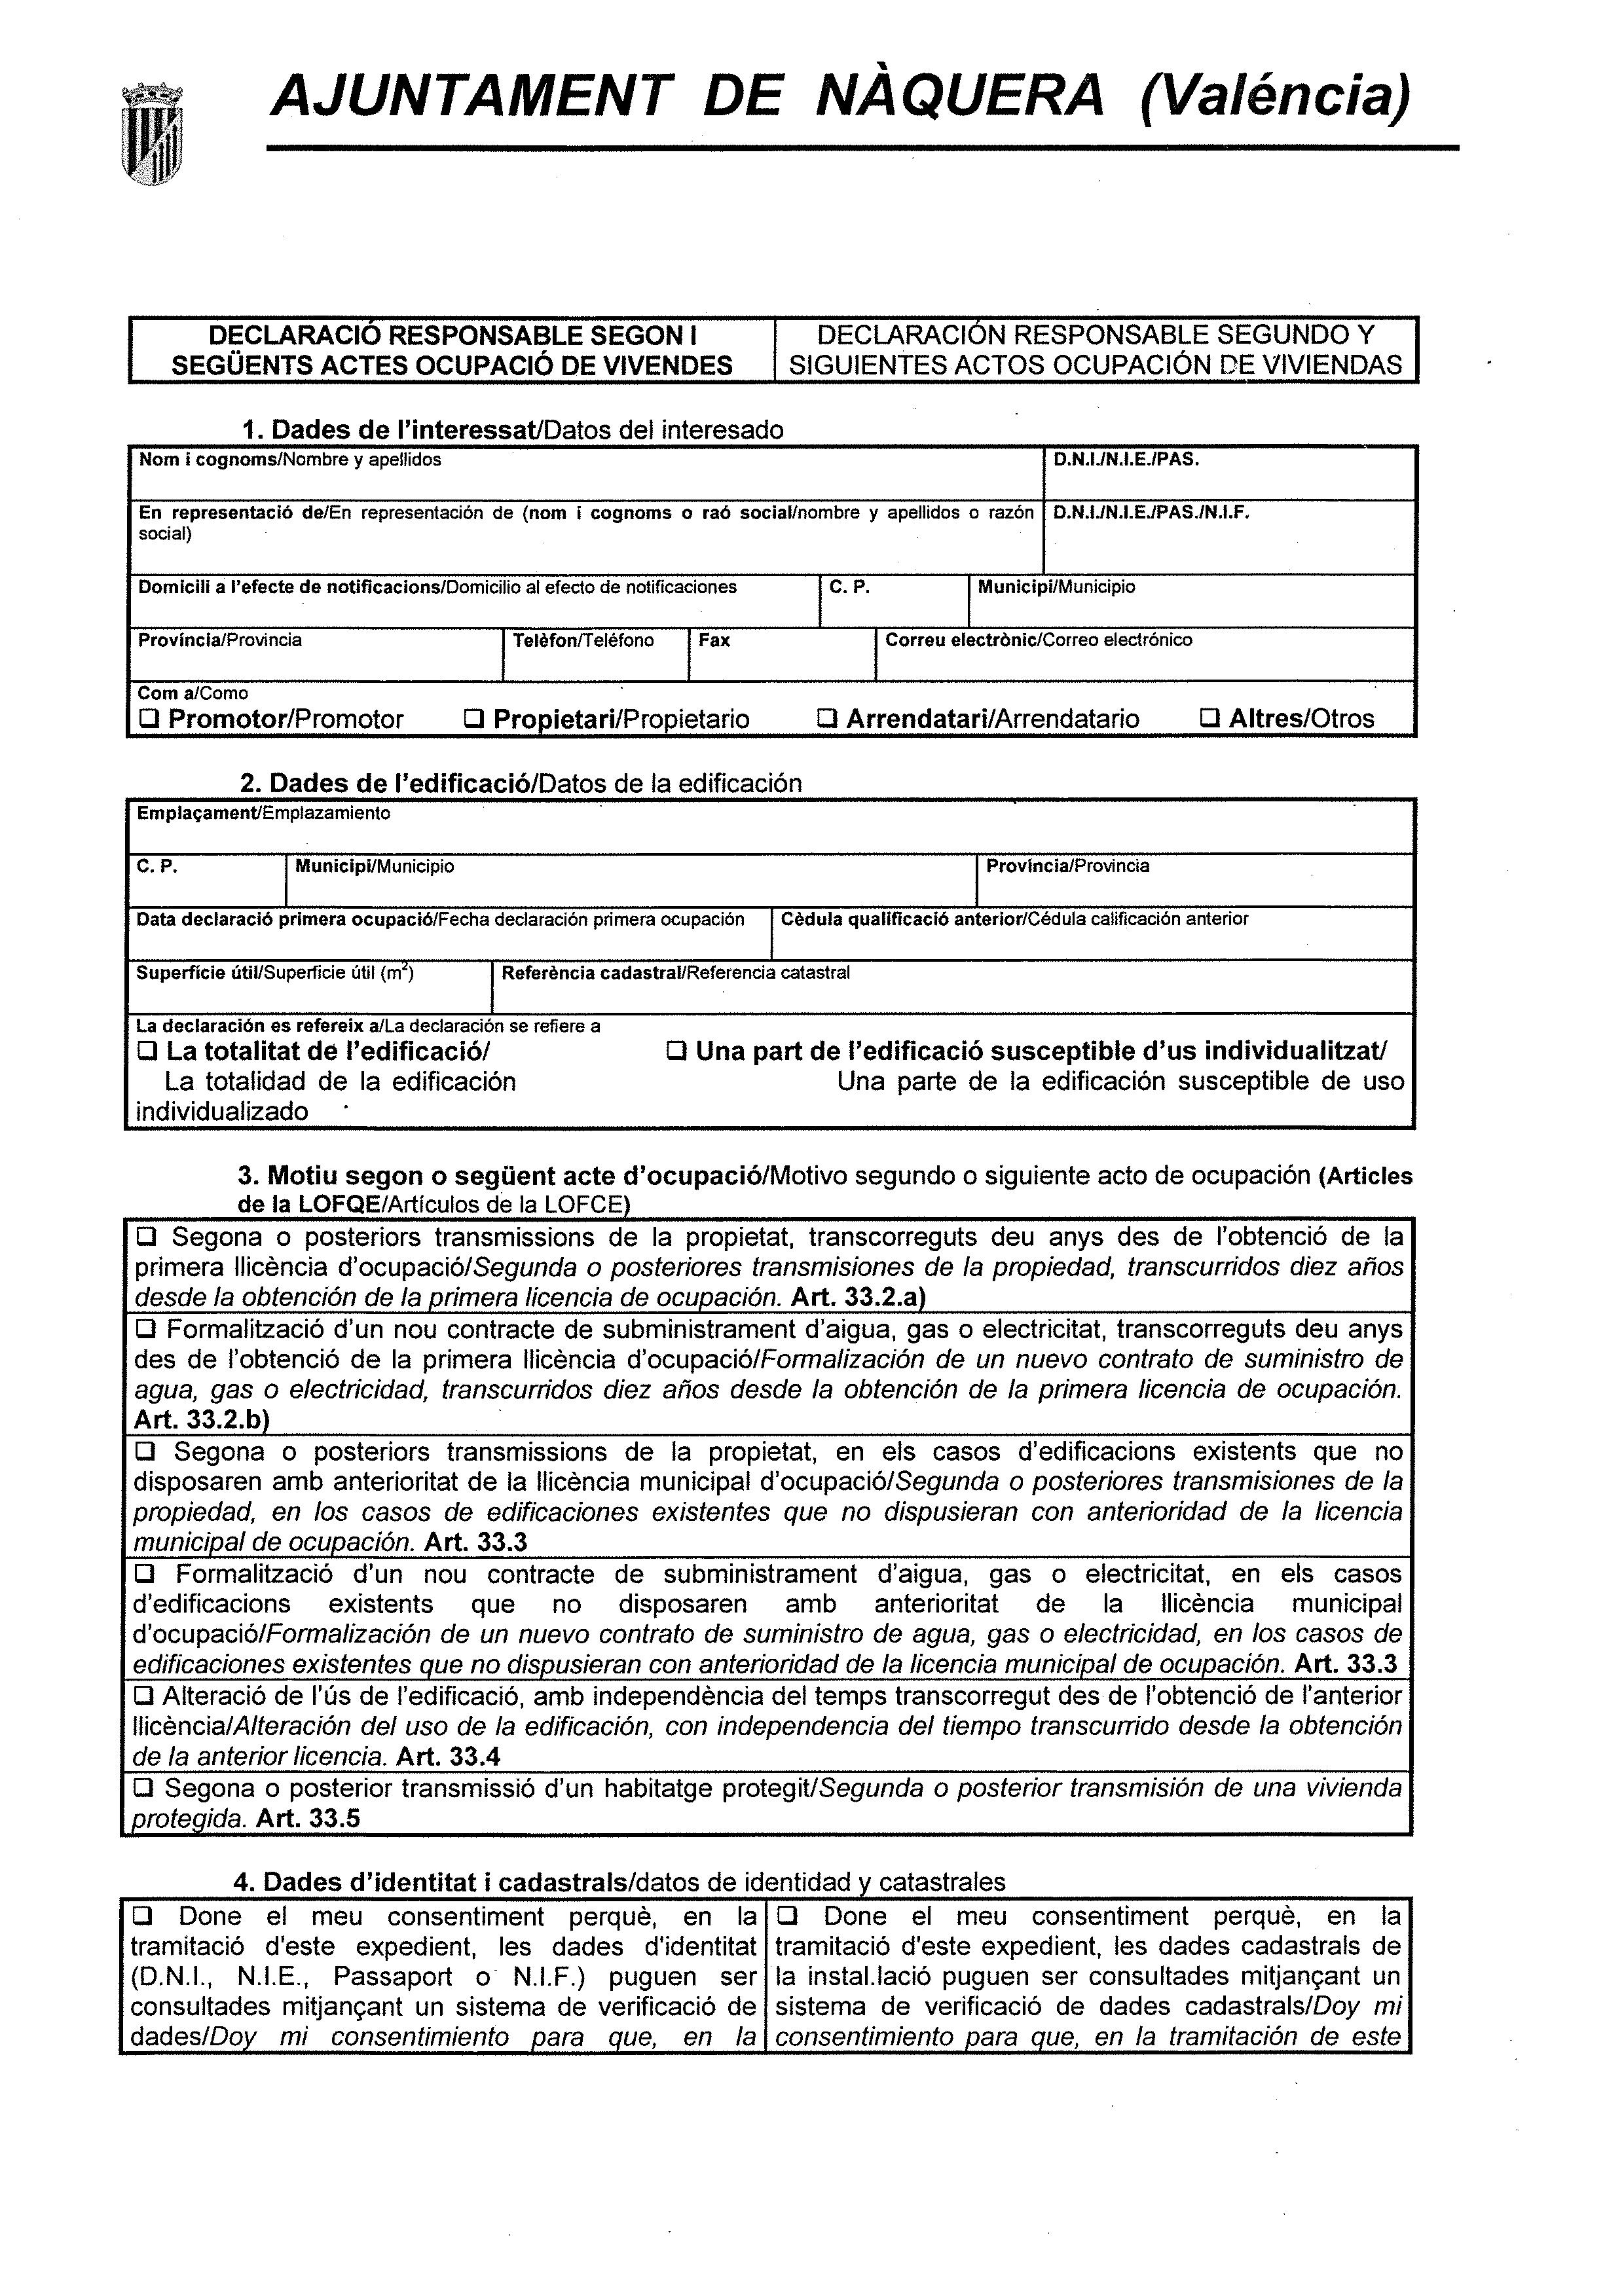 Impreso Declaración Responsable Segunda Ocupación - Náquera-1